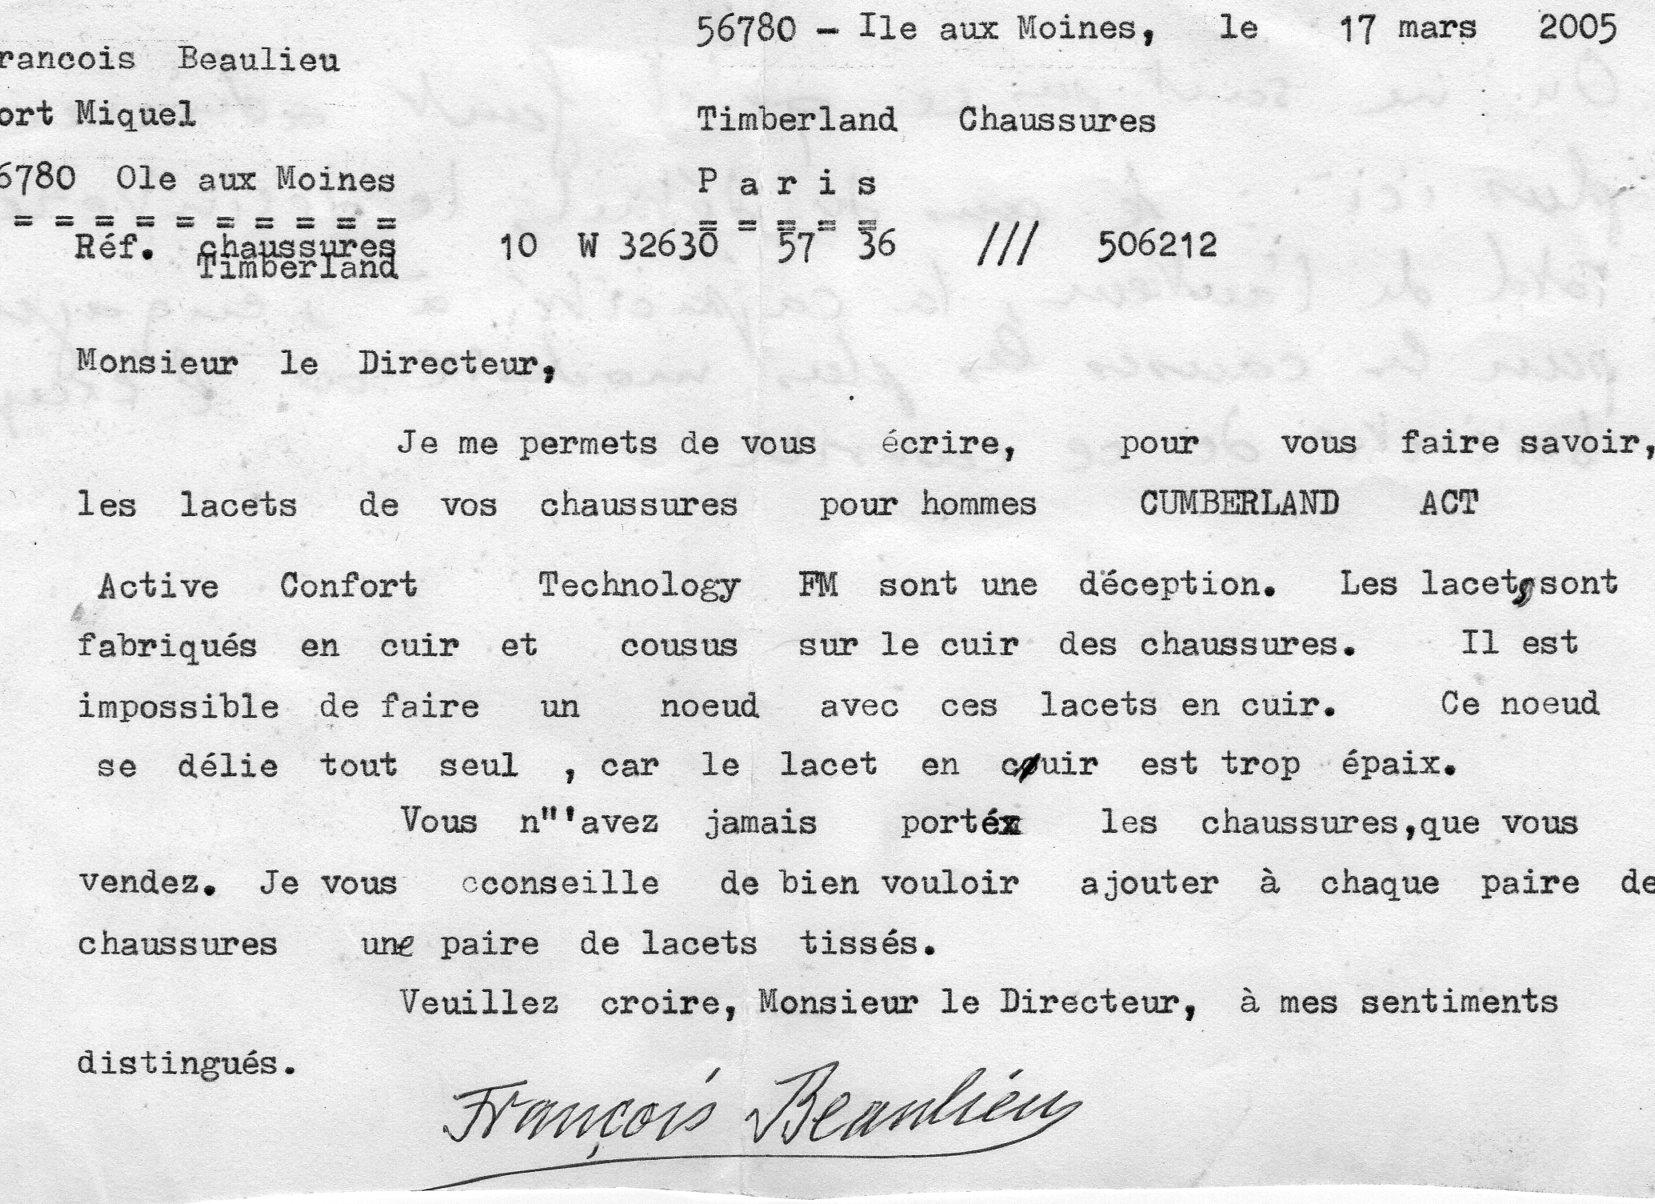 pdf  ecrire une lettre en allemand a un ami